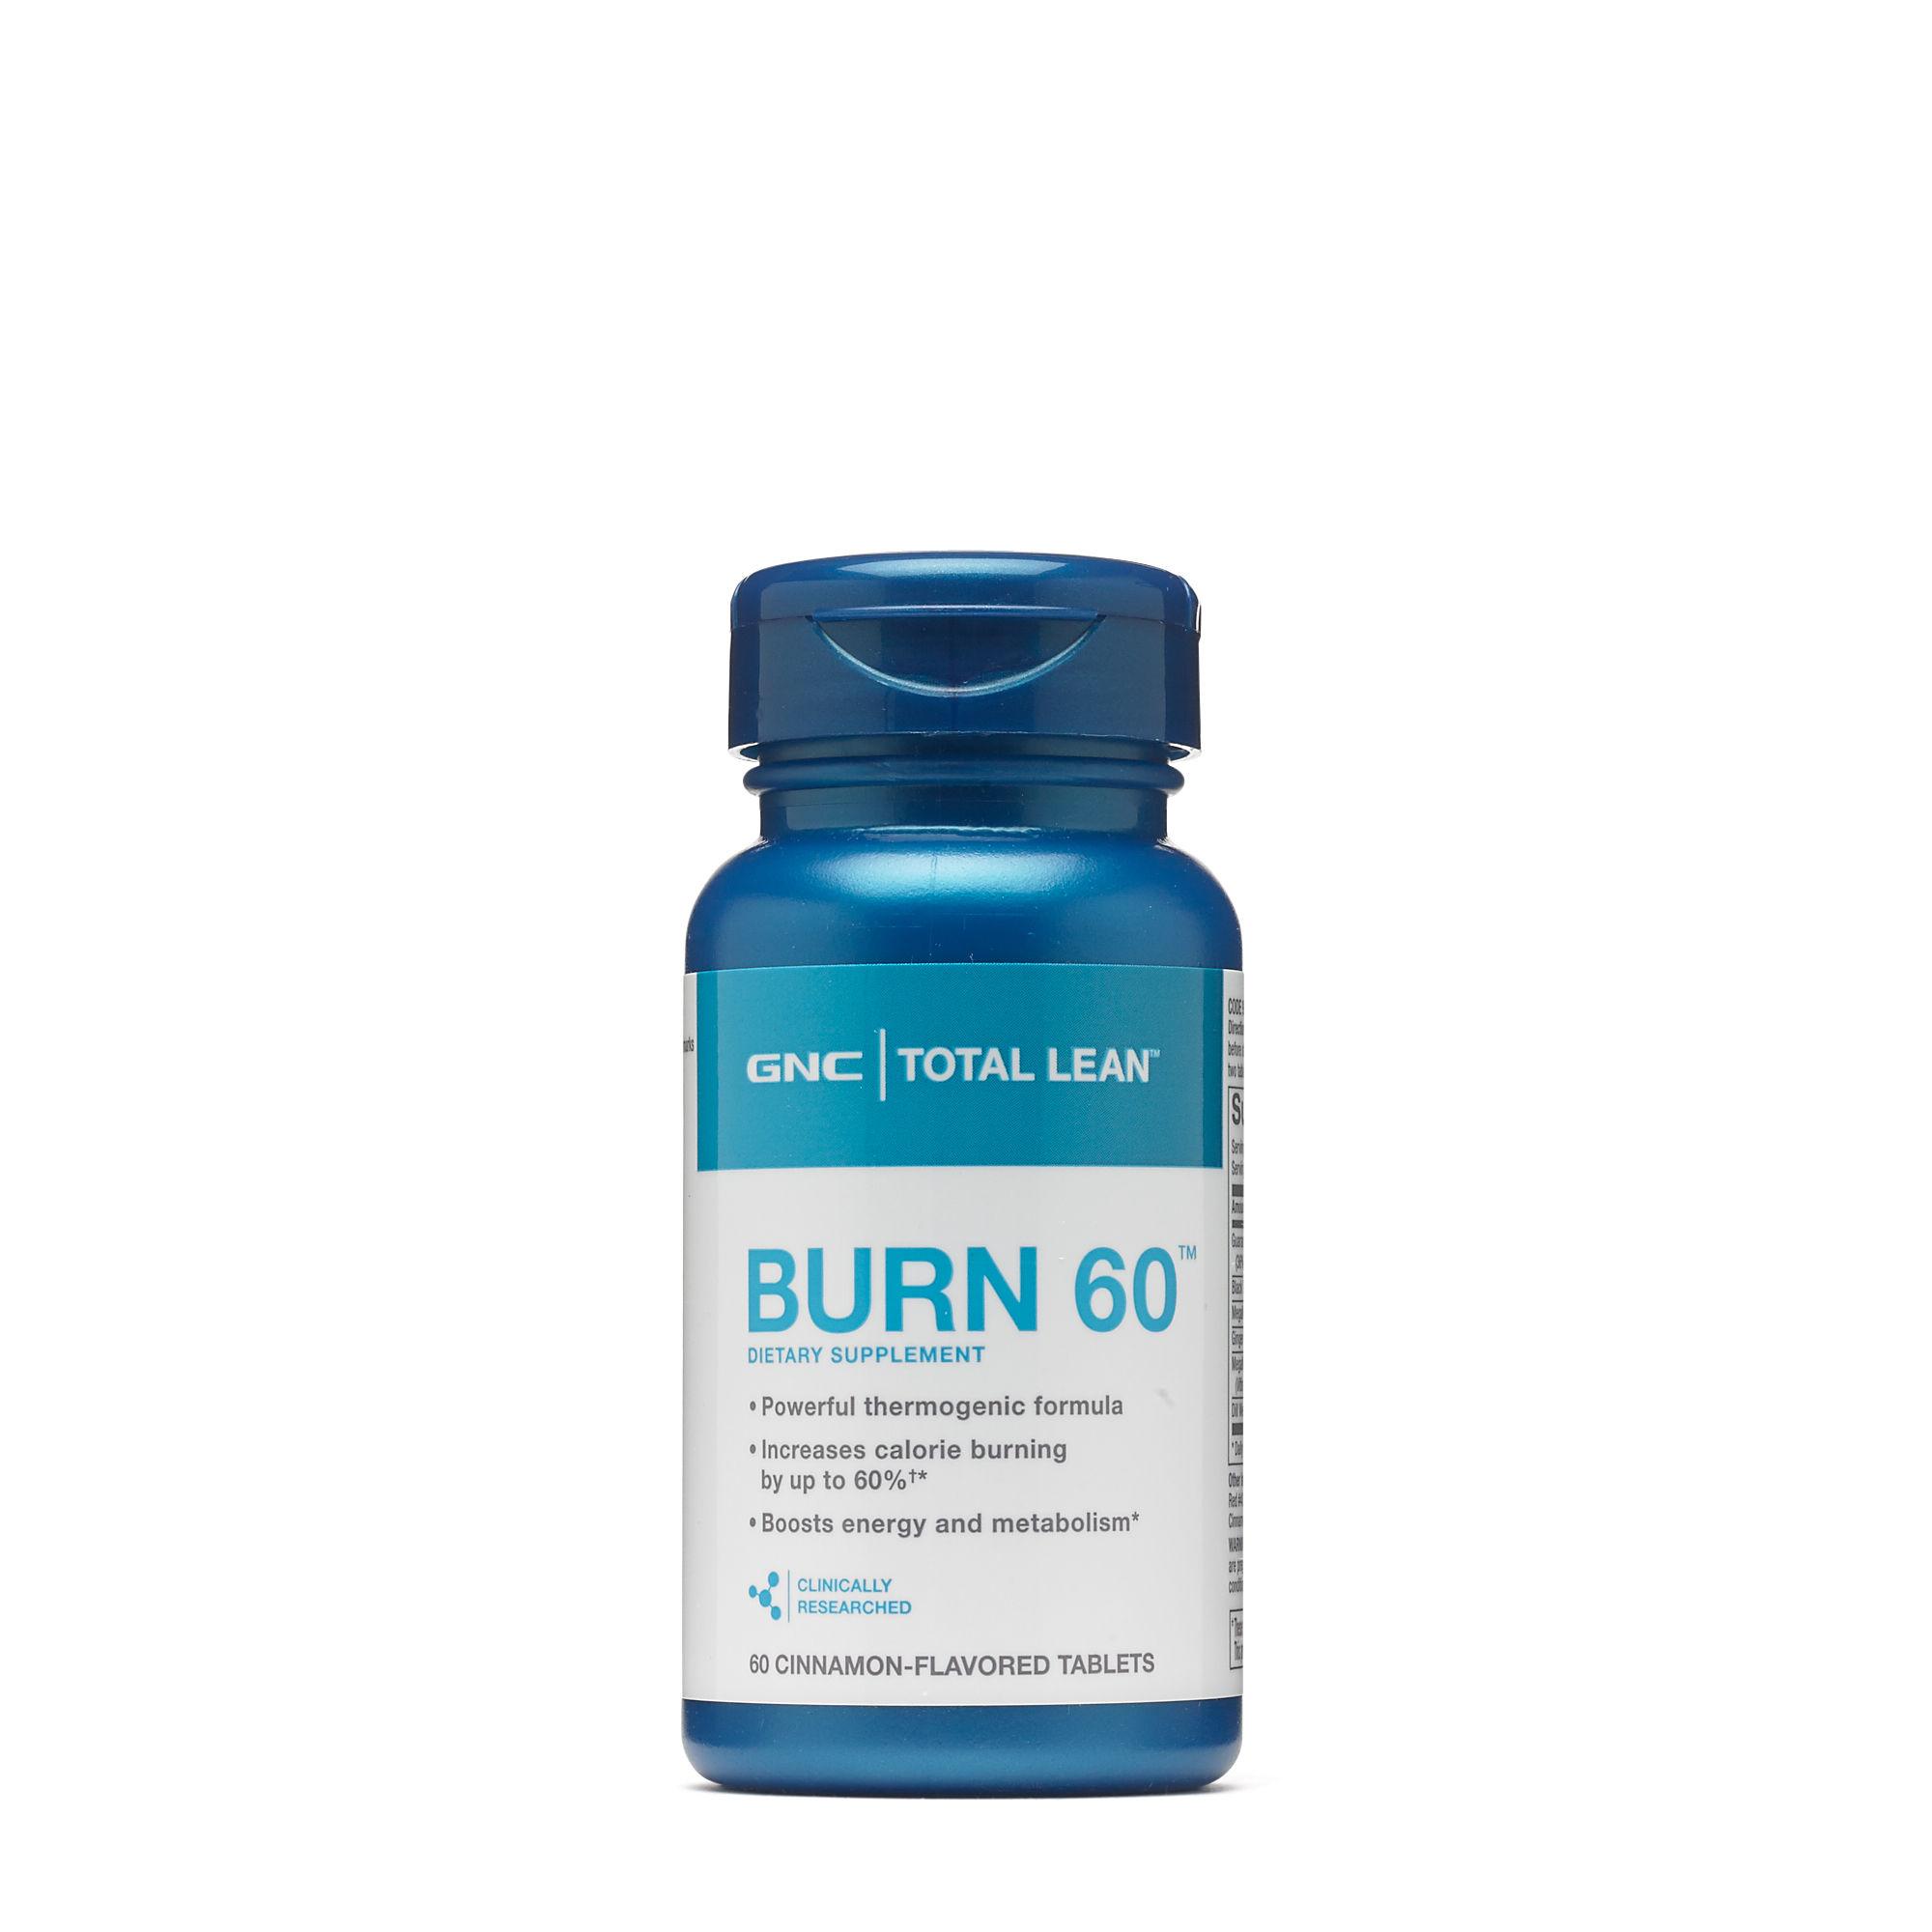 Thực Phẩm Chức Năng Hỗ trợ giảm cân GNC Burn 60 (60 viên/Hộp) - 943449 , 2494335480459 , 62_2068603 , 849000 , Thuc-Pham-Chuc-Nang-Ho-tro-giam-can-GNC-Burn-60-60-vien-Hop-62_2068603 , tiki.vn , Thực Phẩm Chức Năng Hỗ trợ giảm cân GNC Burn 60 (60 viên/Hộp)